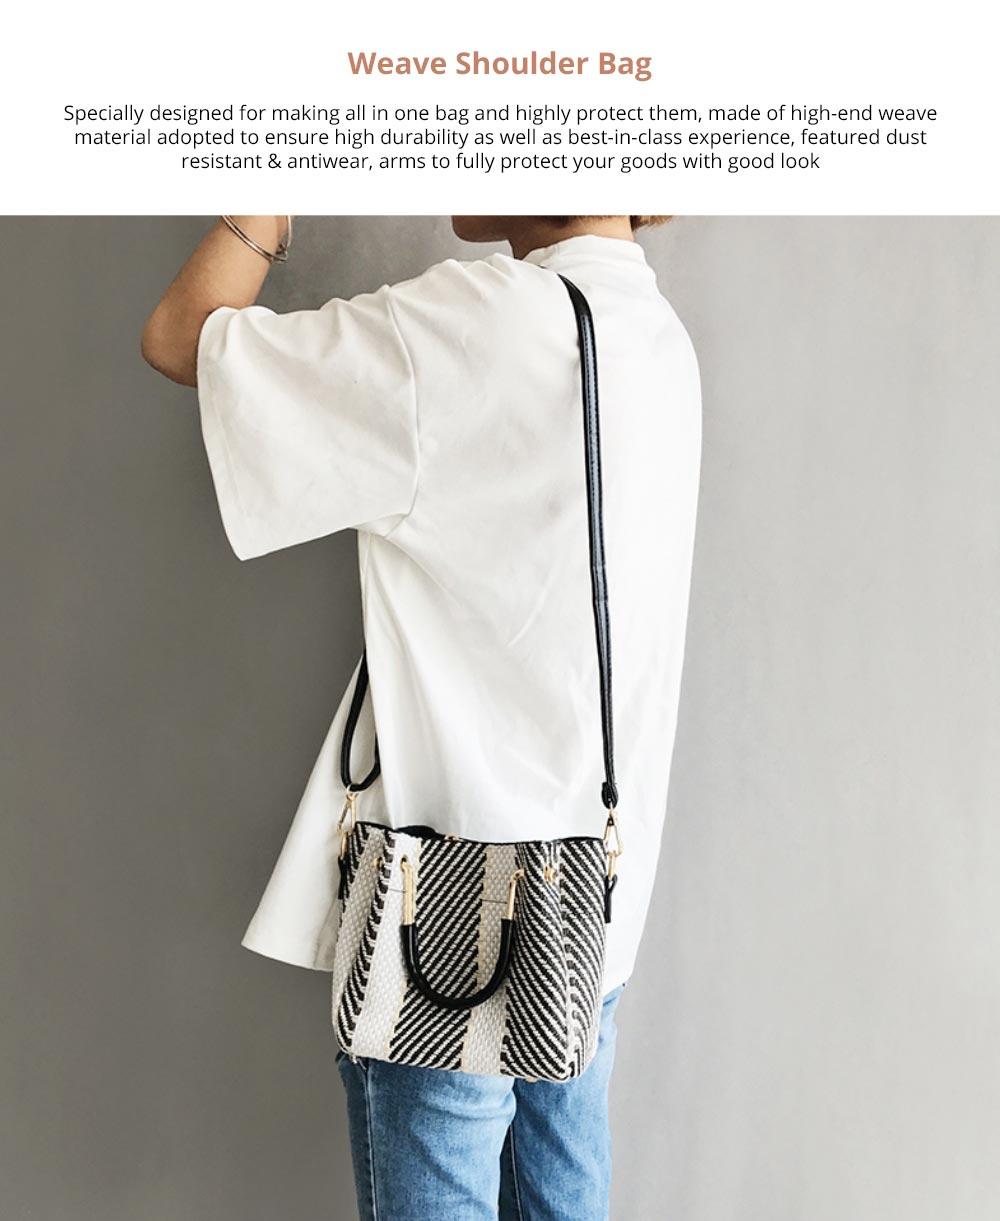 Weave Shoulder Bag